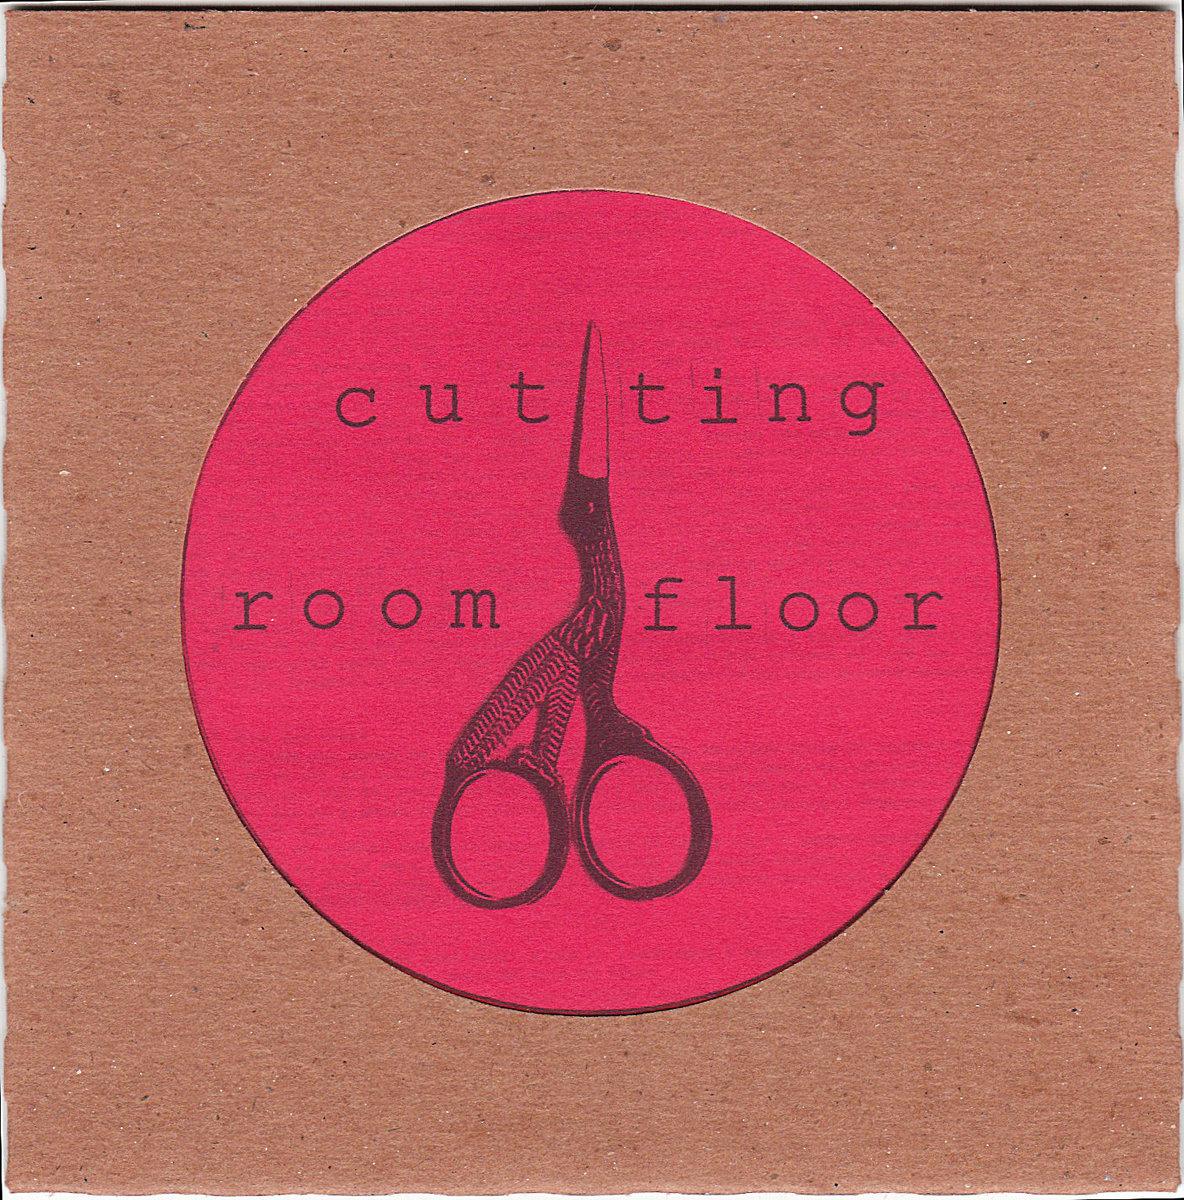 Cutting Room Floor   Cutting Room Floor